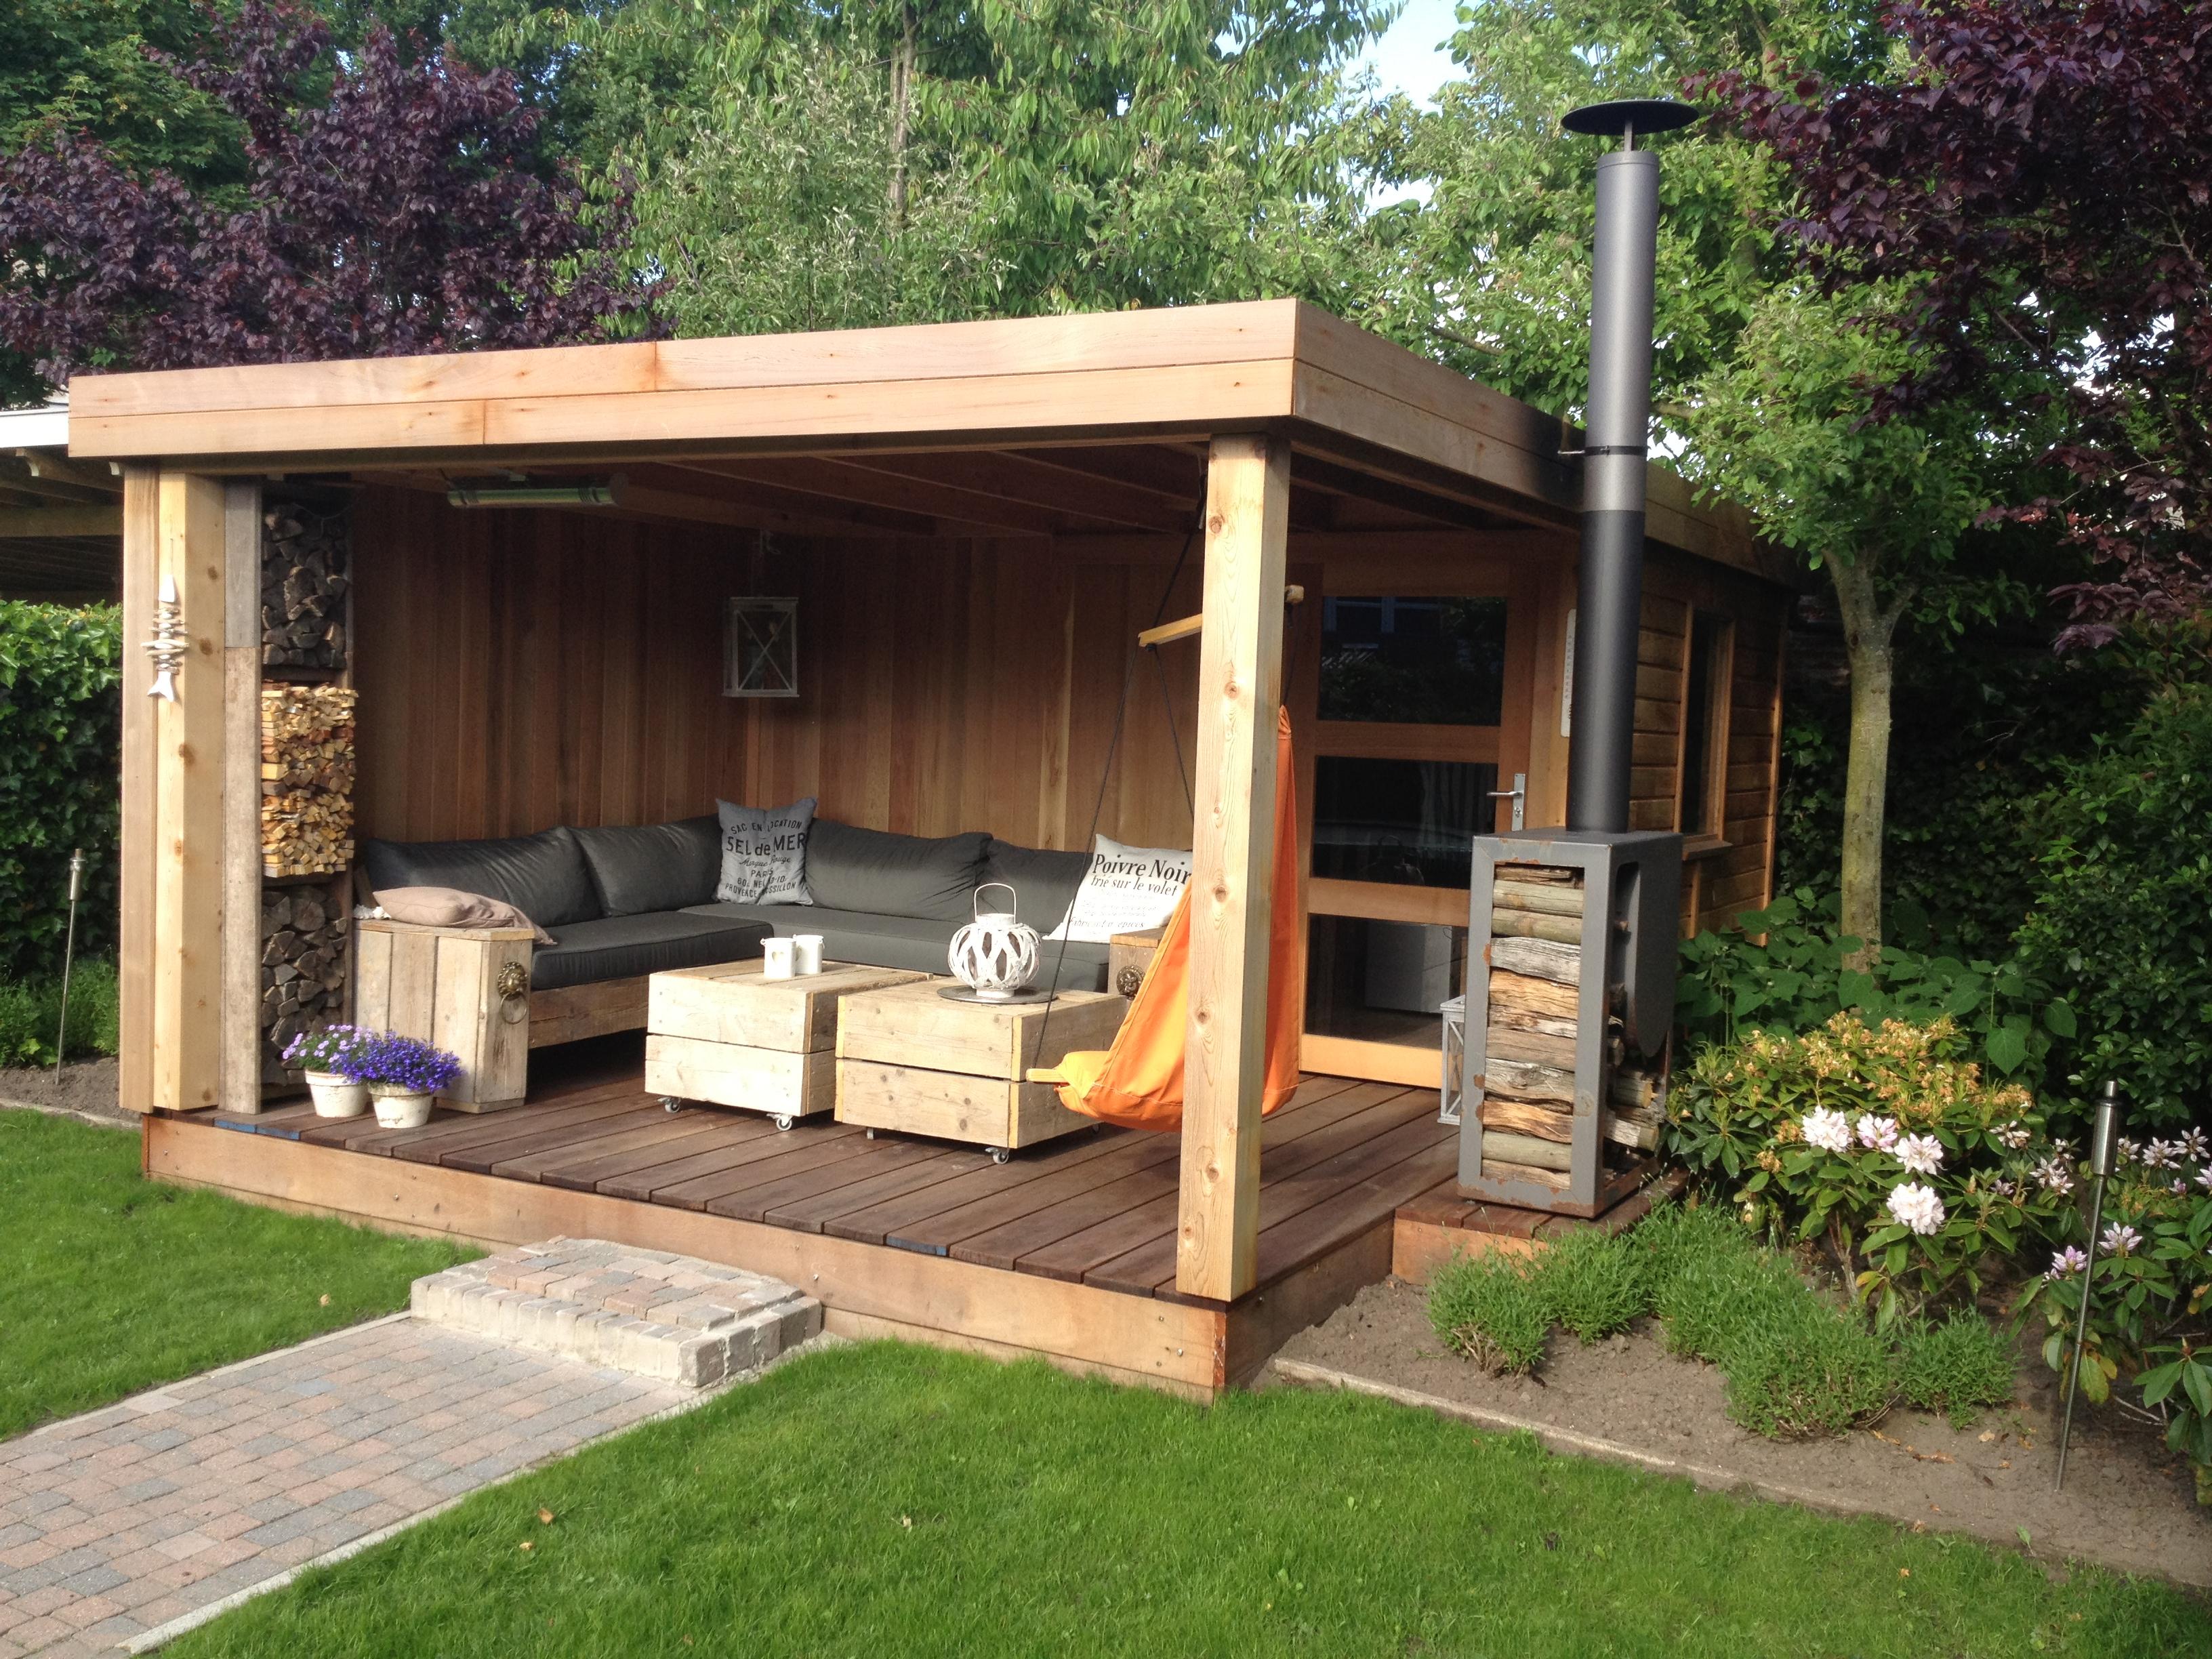 Quel mat riau choisir pour l abri de votre jardin plan for Cendre de bois pour le jardin